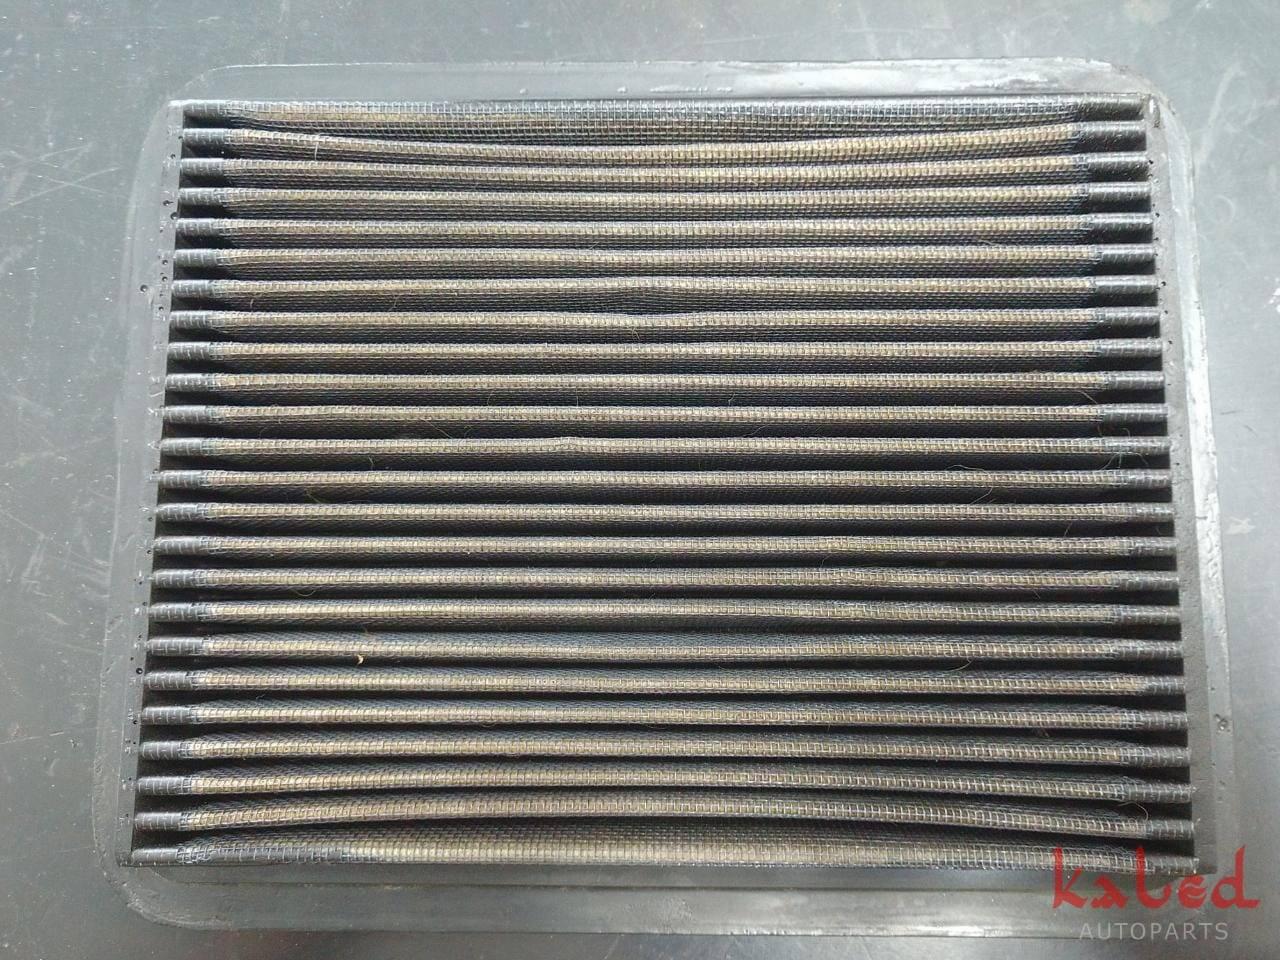 Filtro esportivo K&N Mitsubishi Chrysler - Kaled Auto Parts